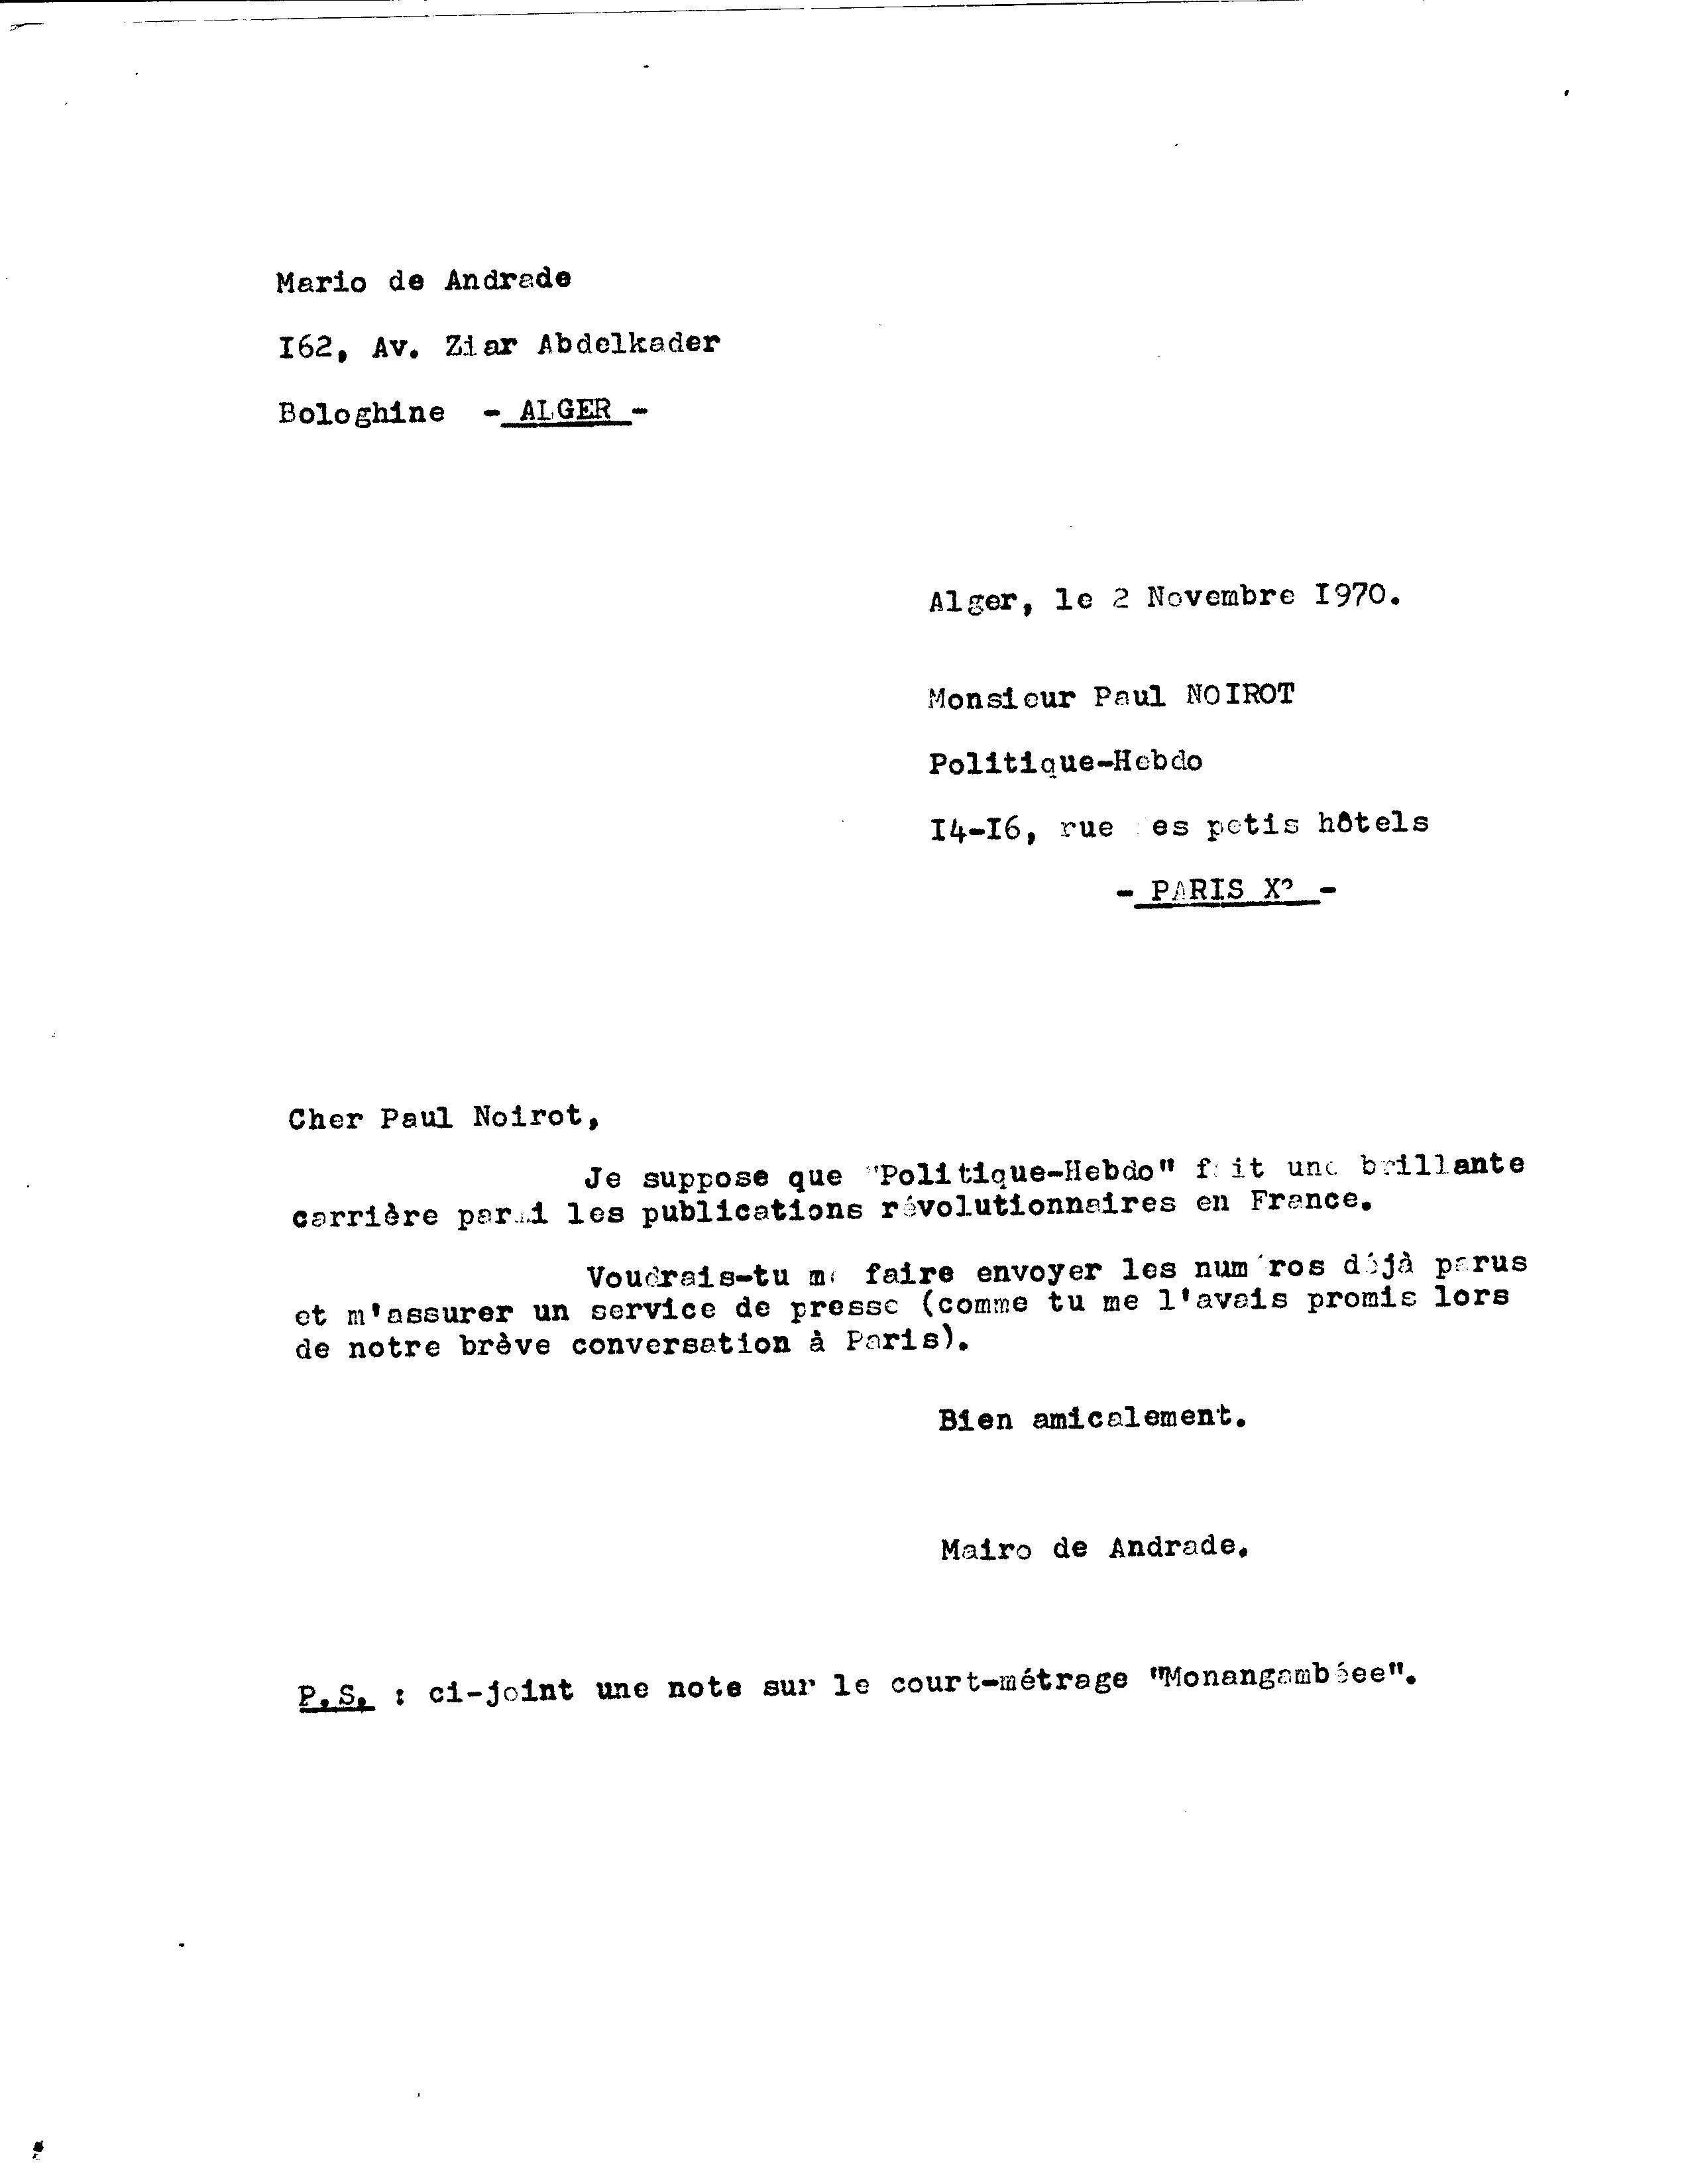 07559.001.030- pag.1